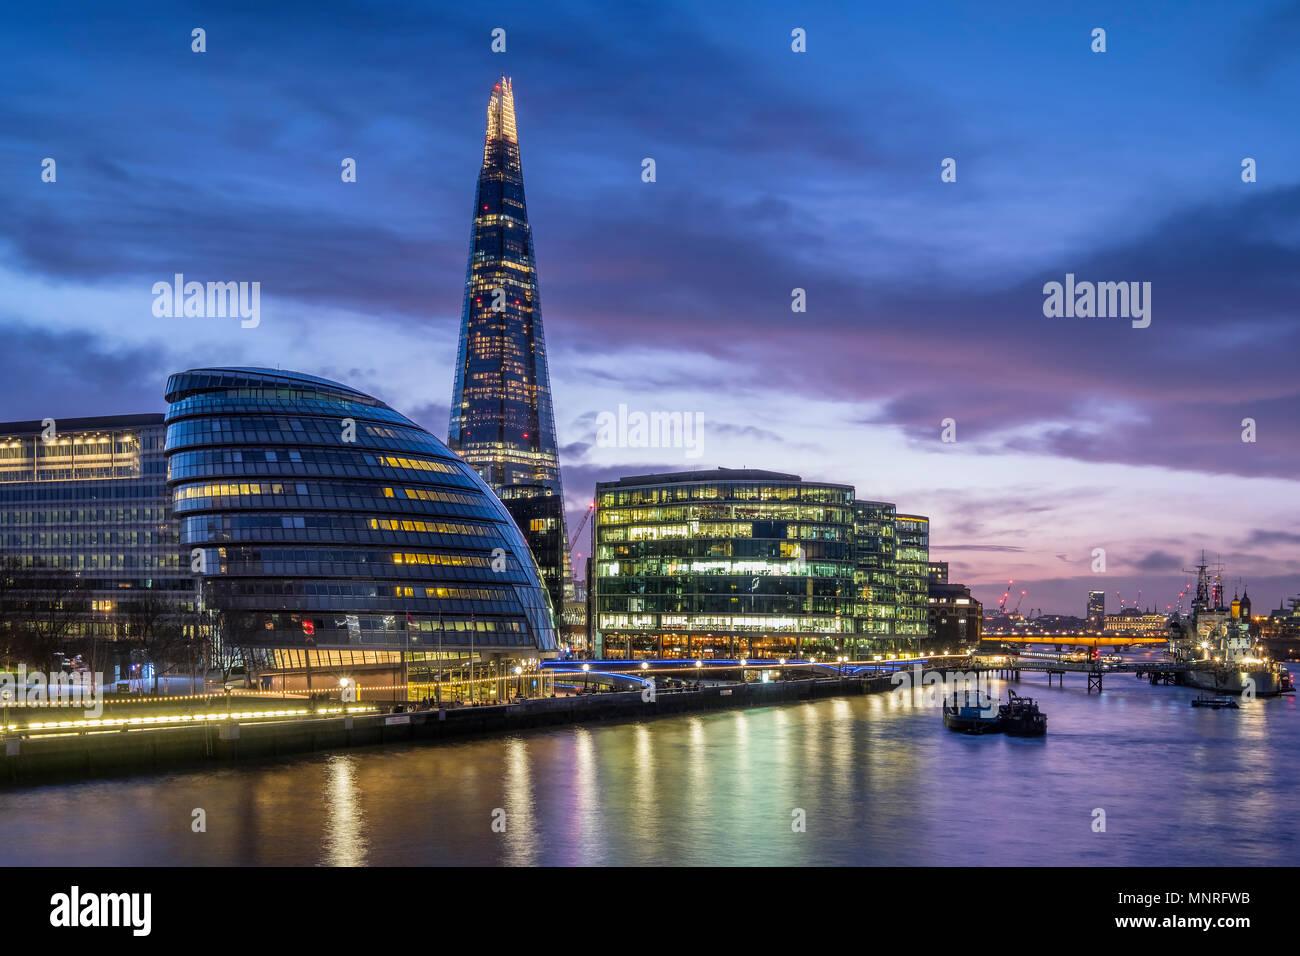 Il Municipio, la Shard e il fiume Tamigi di notte, Londra, Inghilterra, Regno Unito Immagini Stock